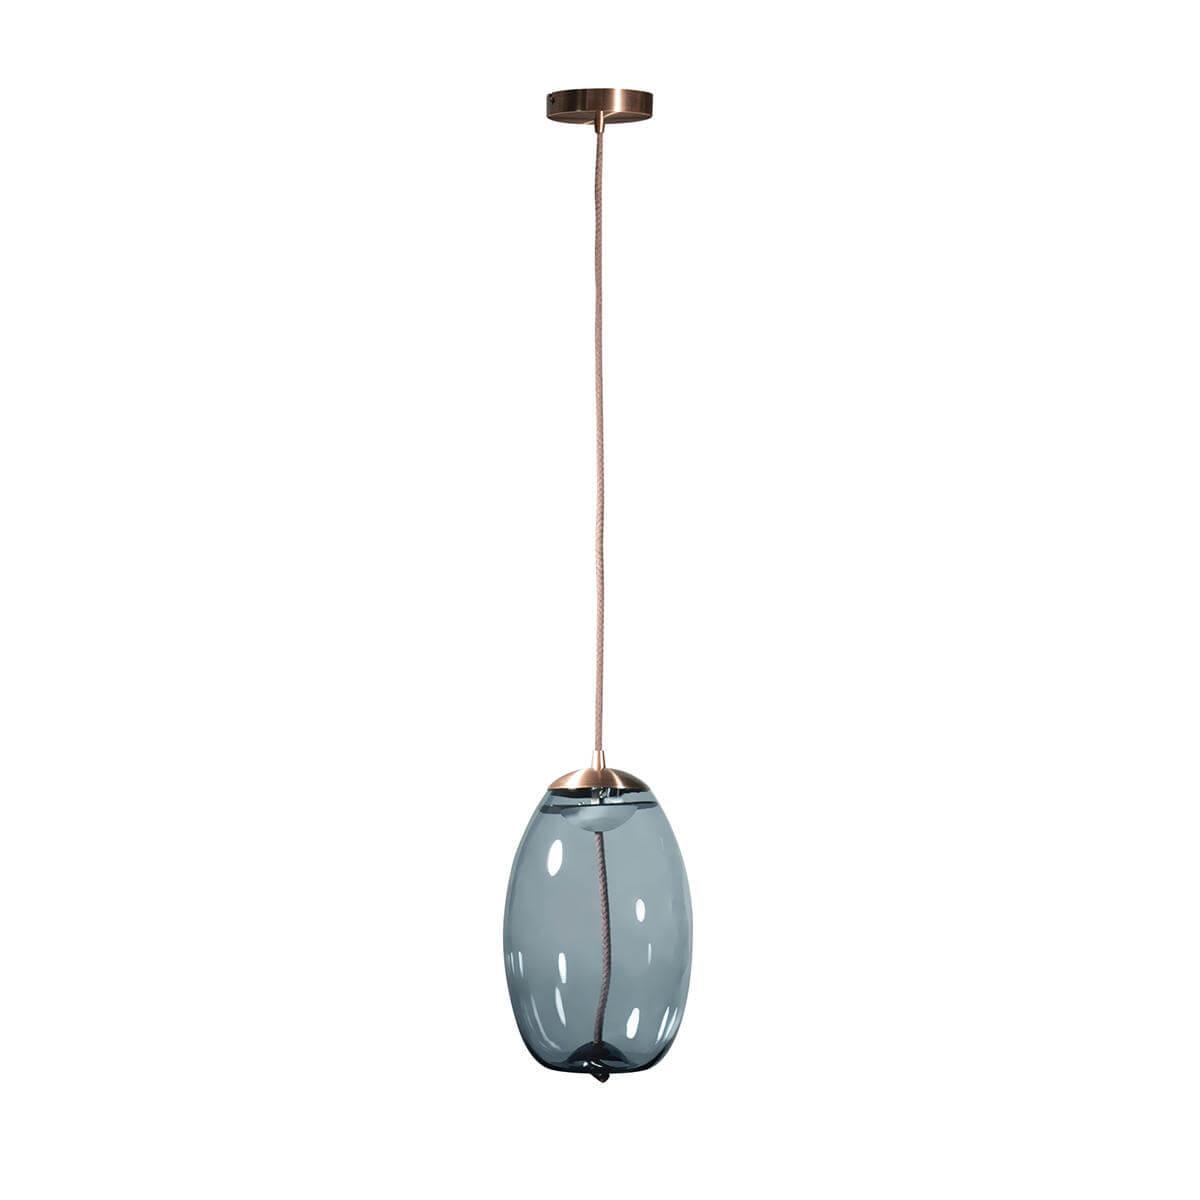 Светильник Loft IT 8133-A Knot светильник loft it 8134 b knot